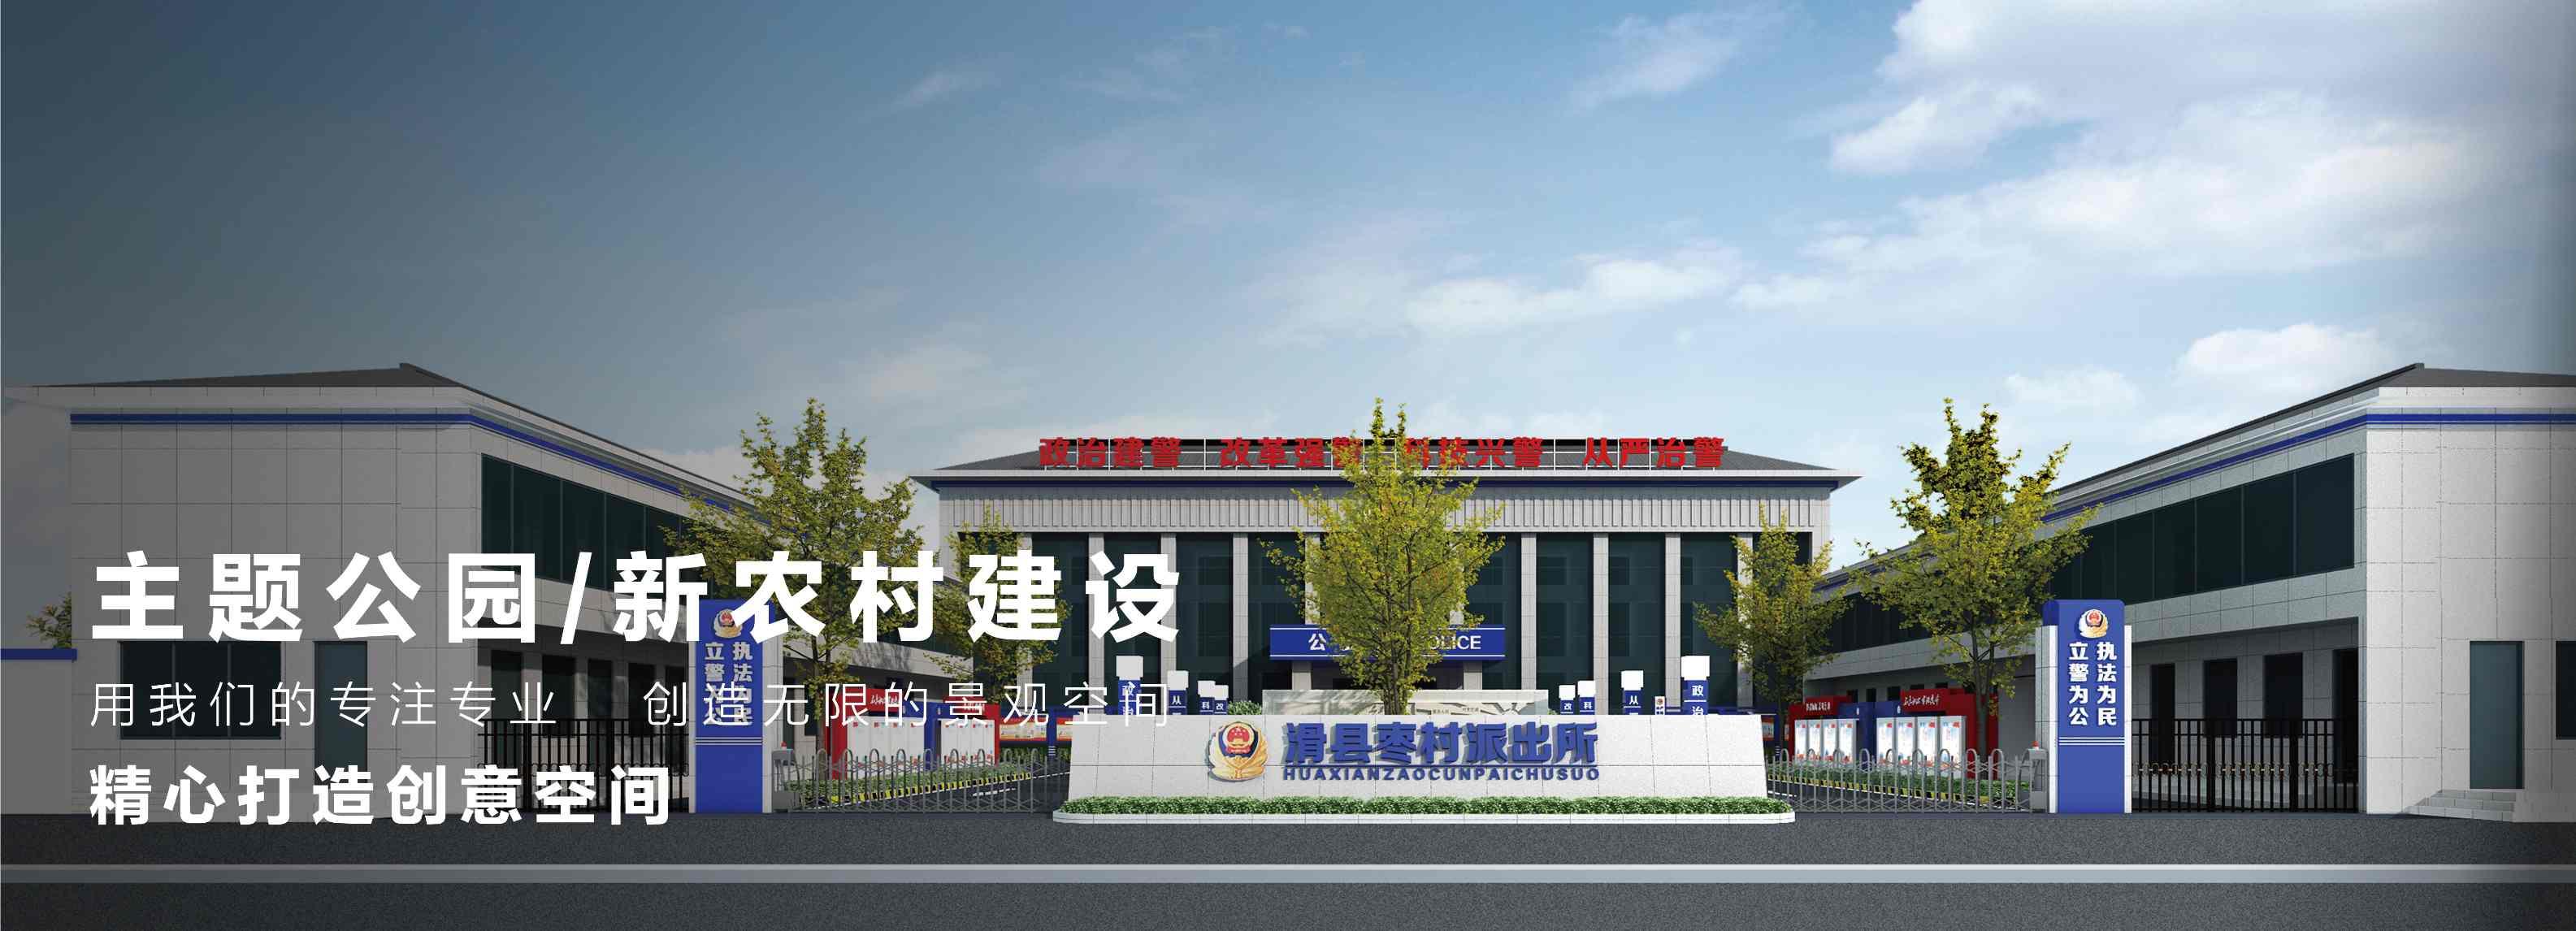 河南校园文化设计